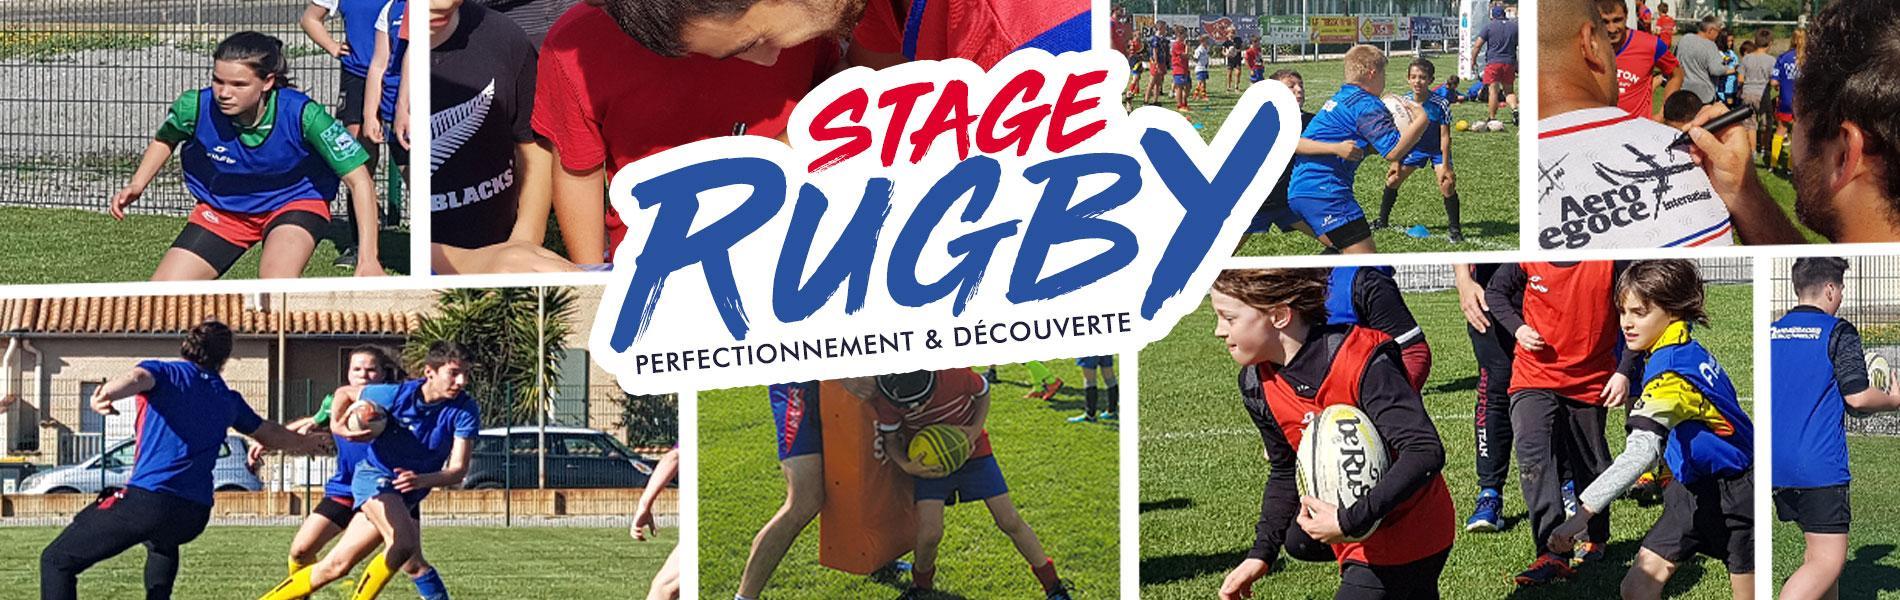 Image Le stage rugby est de retour pour les vacances de la Toussaint !